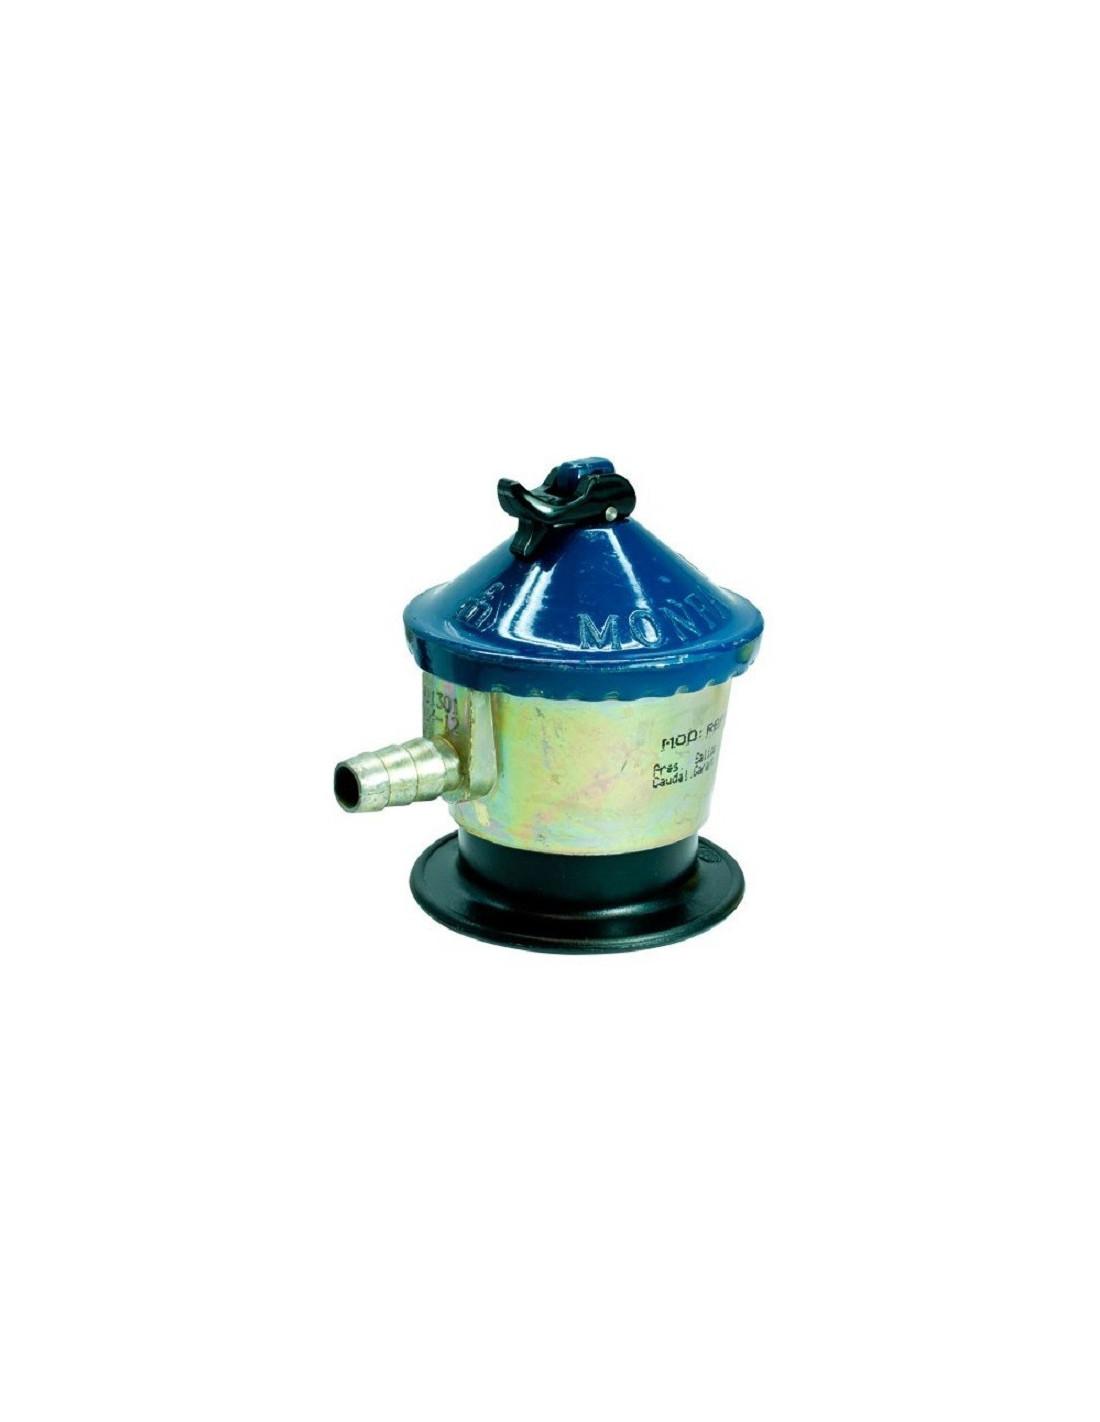 Regulador gas butano propano 50gr tienda de camping online - Regulador gas butano ...